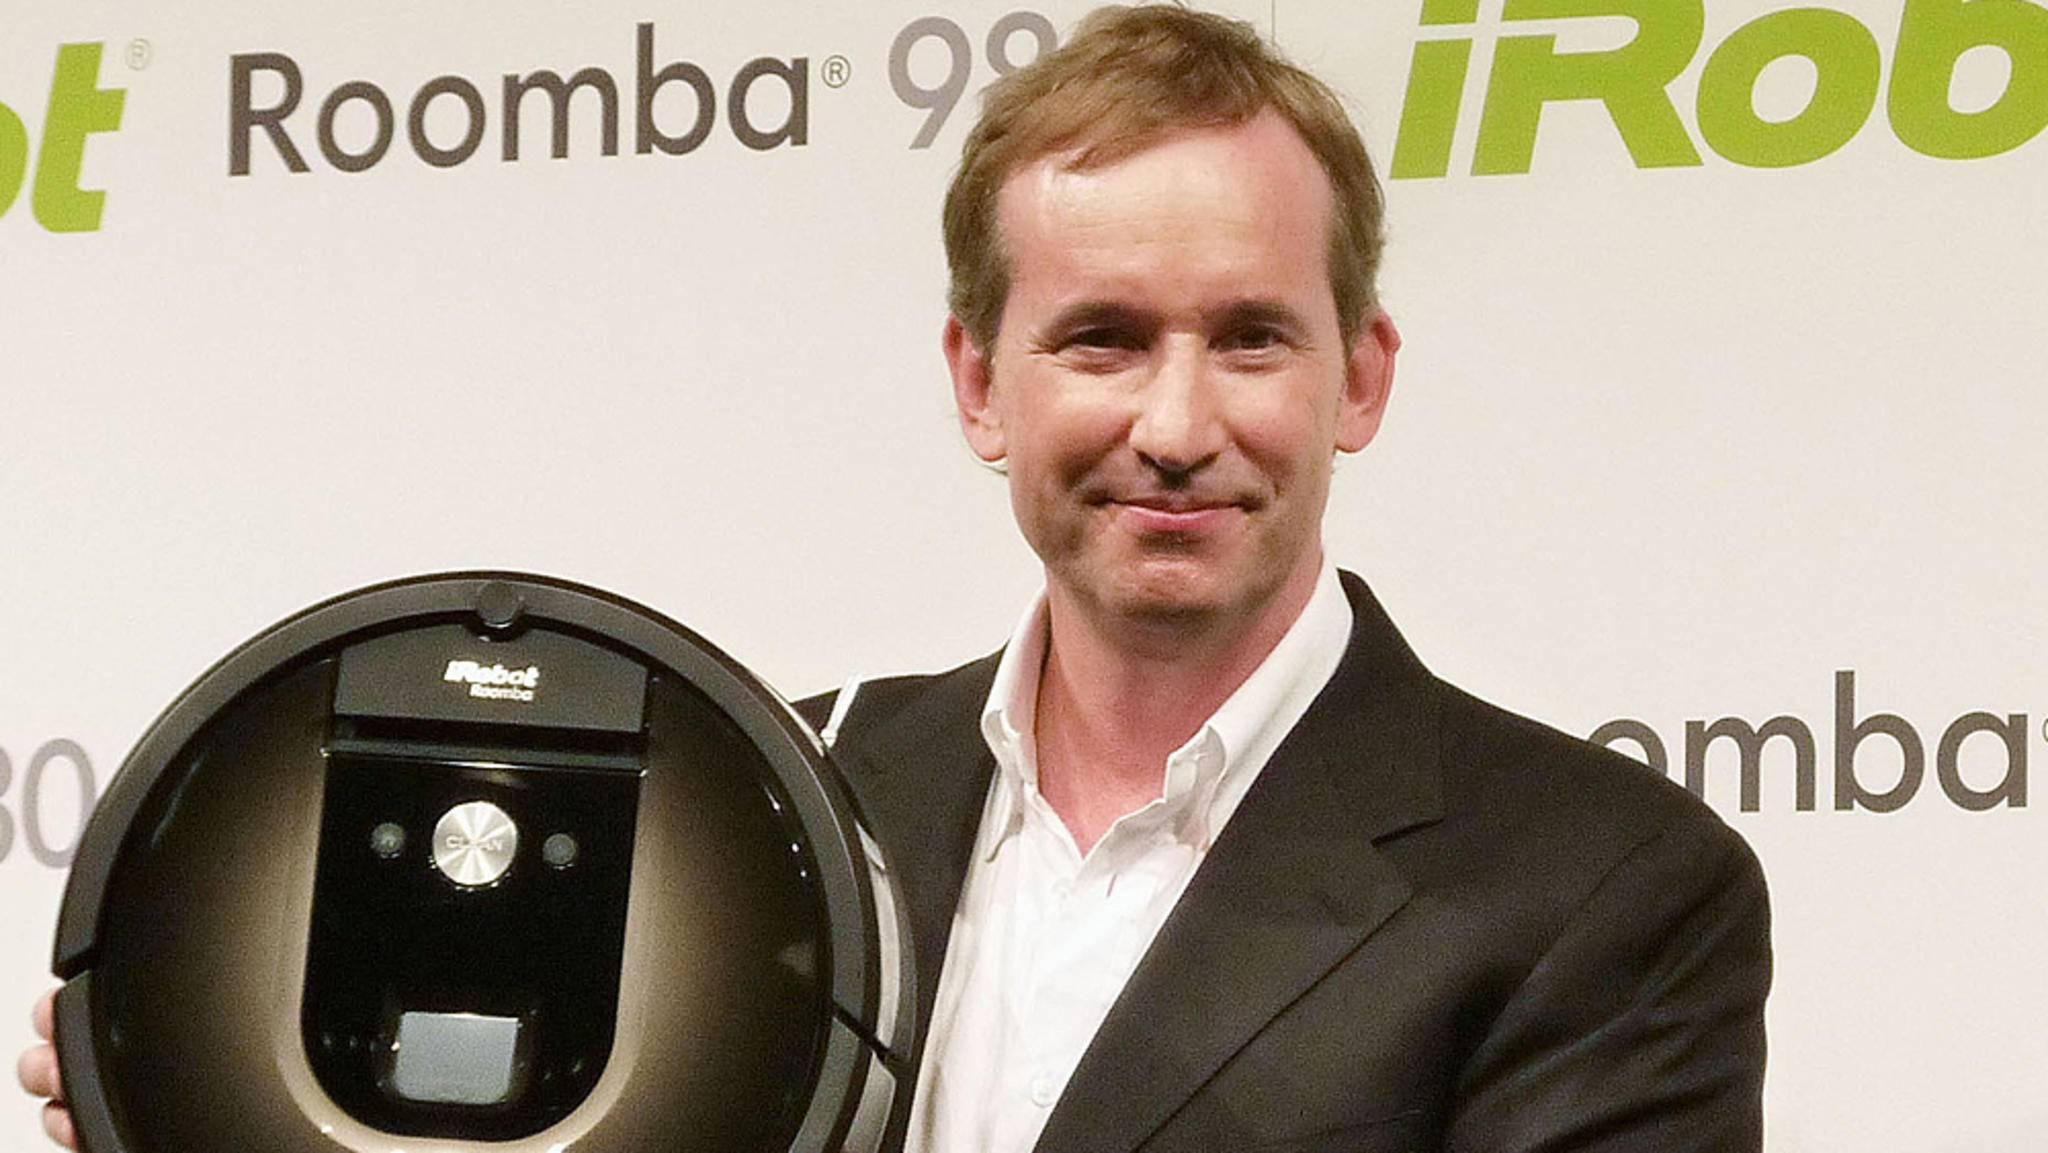 iRobot-CEO Colin Angle hat offenbar große Pläne mit den von Roomba gesammelten Daten.